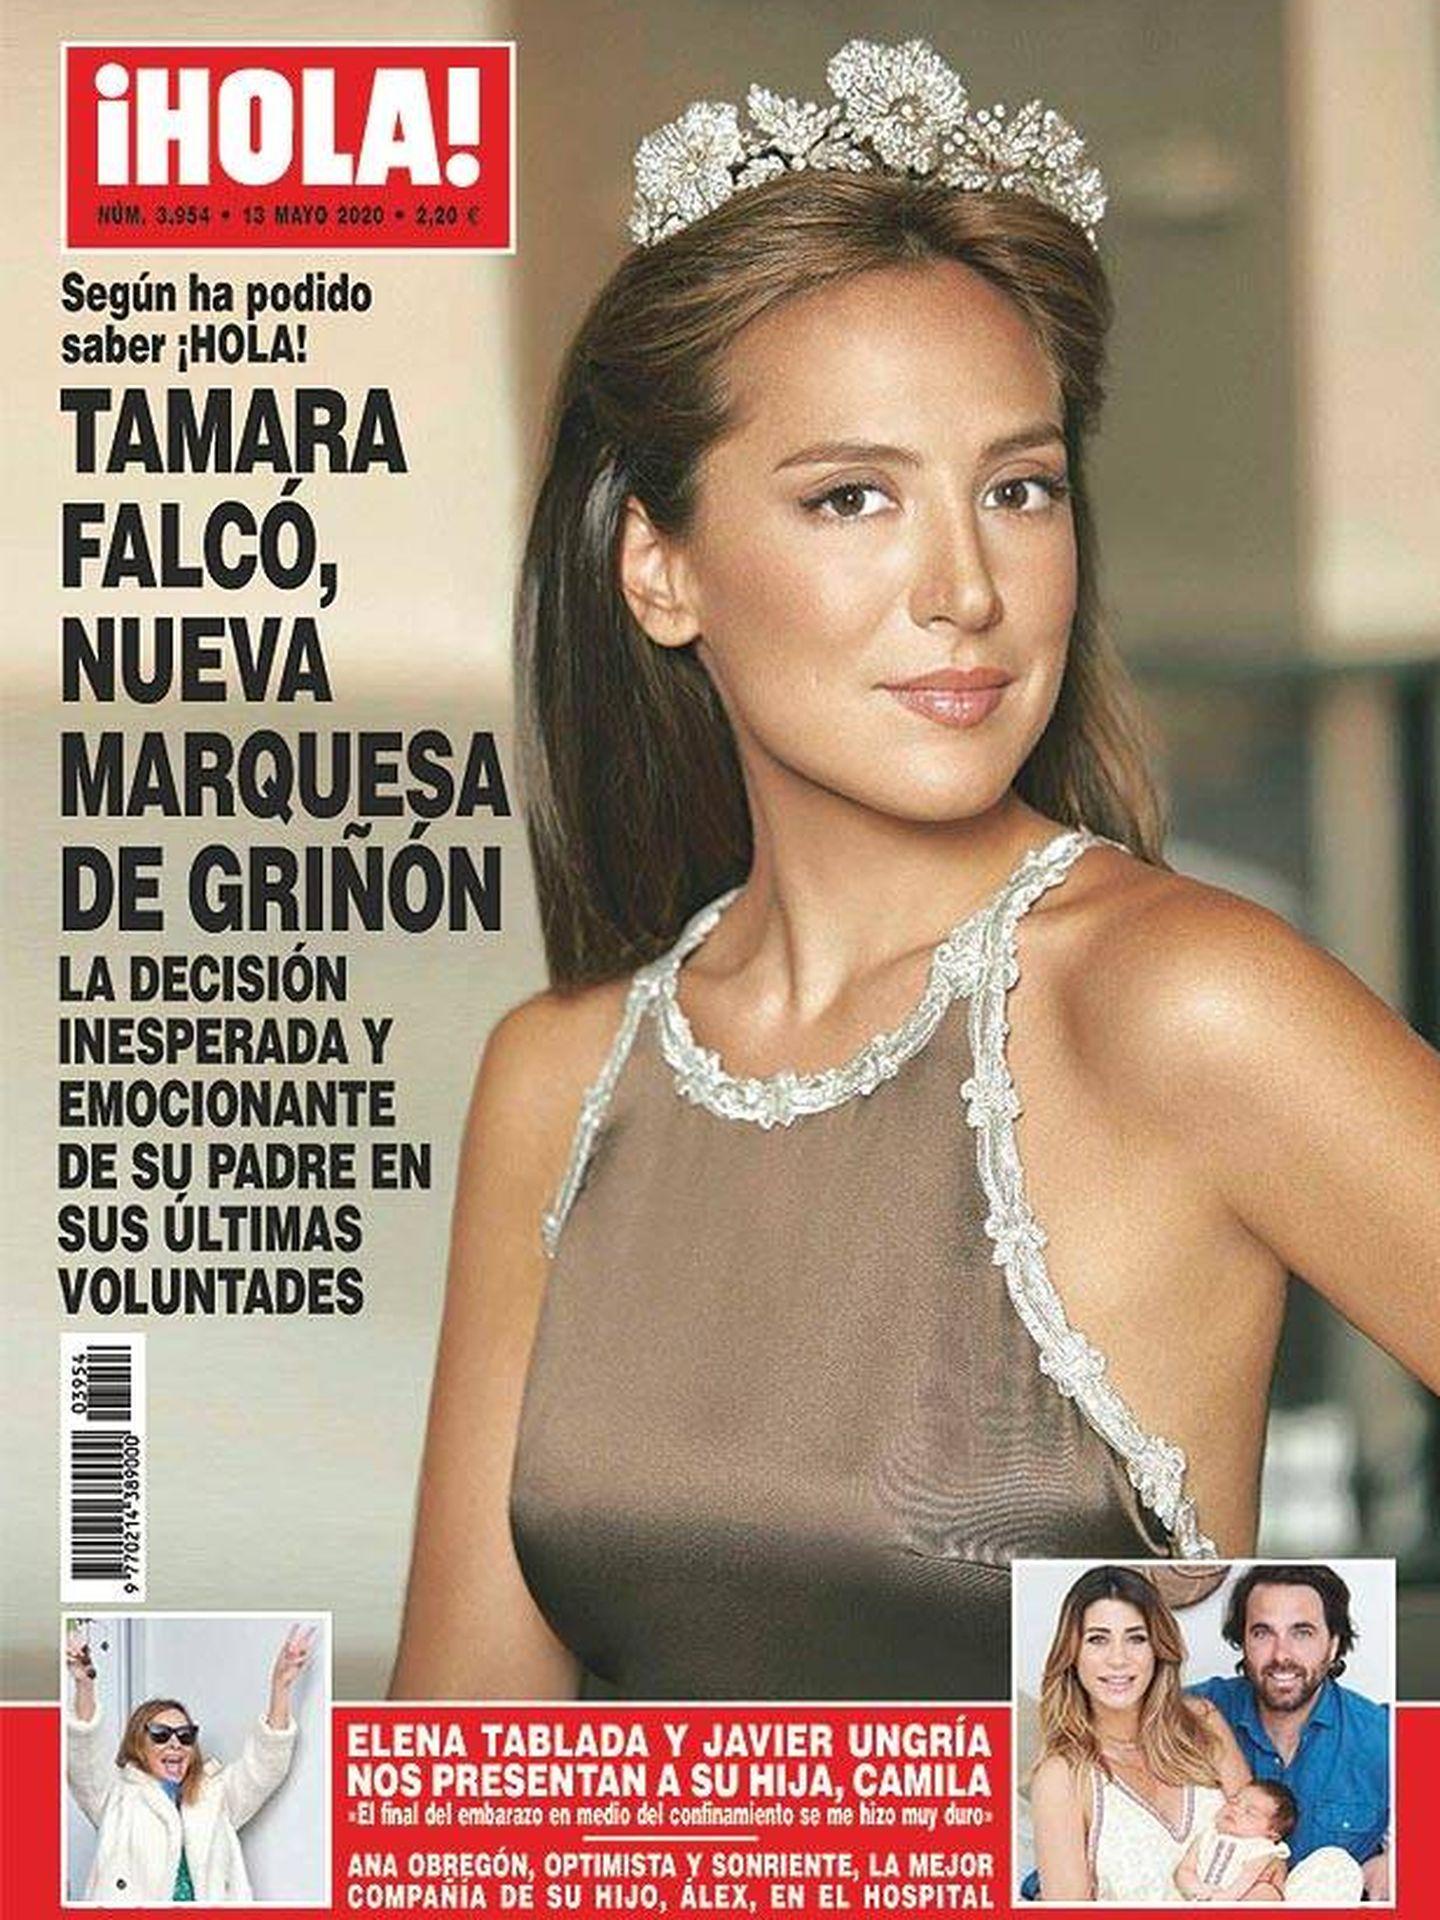 En la ventana inferior izquierda de la portada de '¡Hola!', vemos a Ana Obregón muy esperanzada.